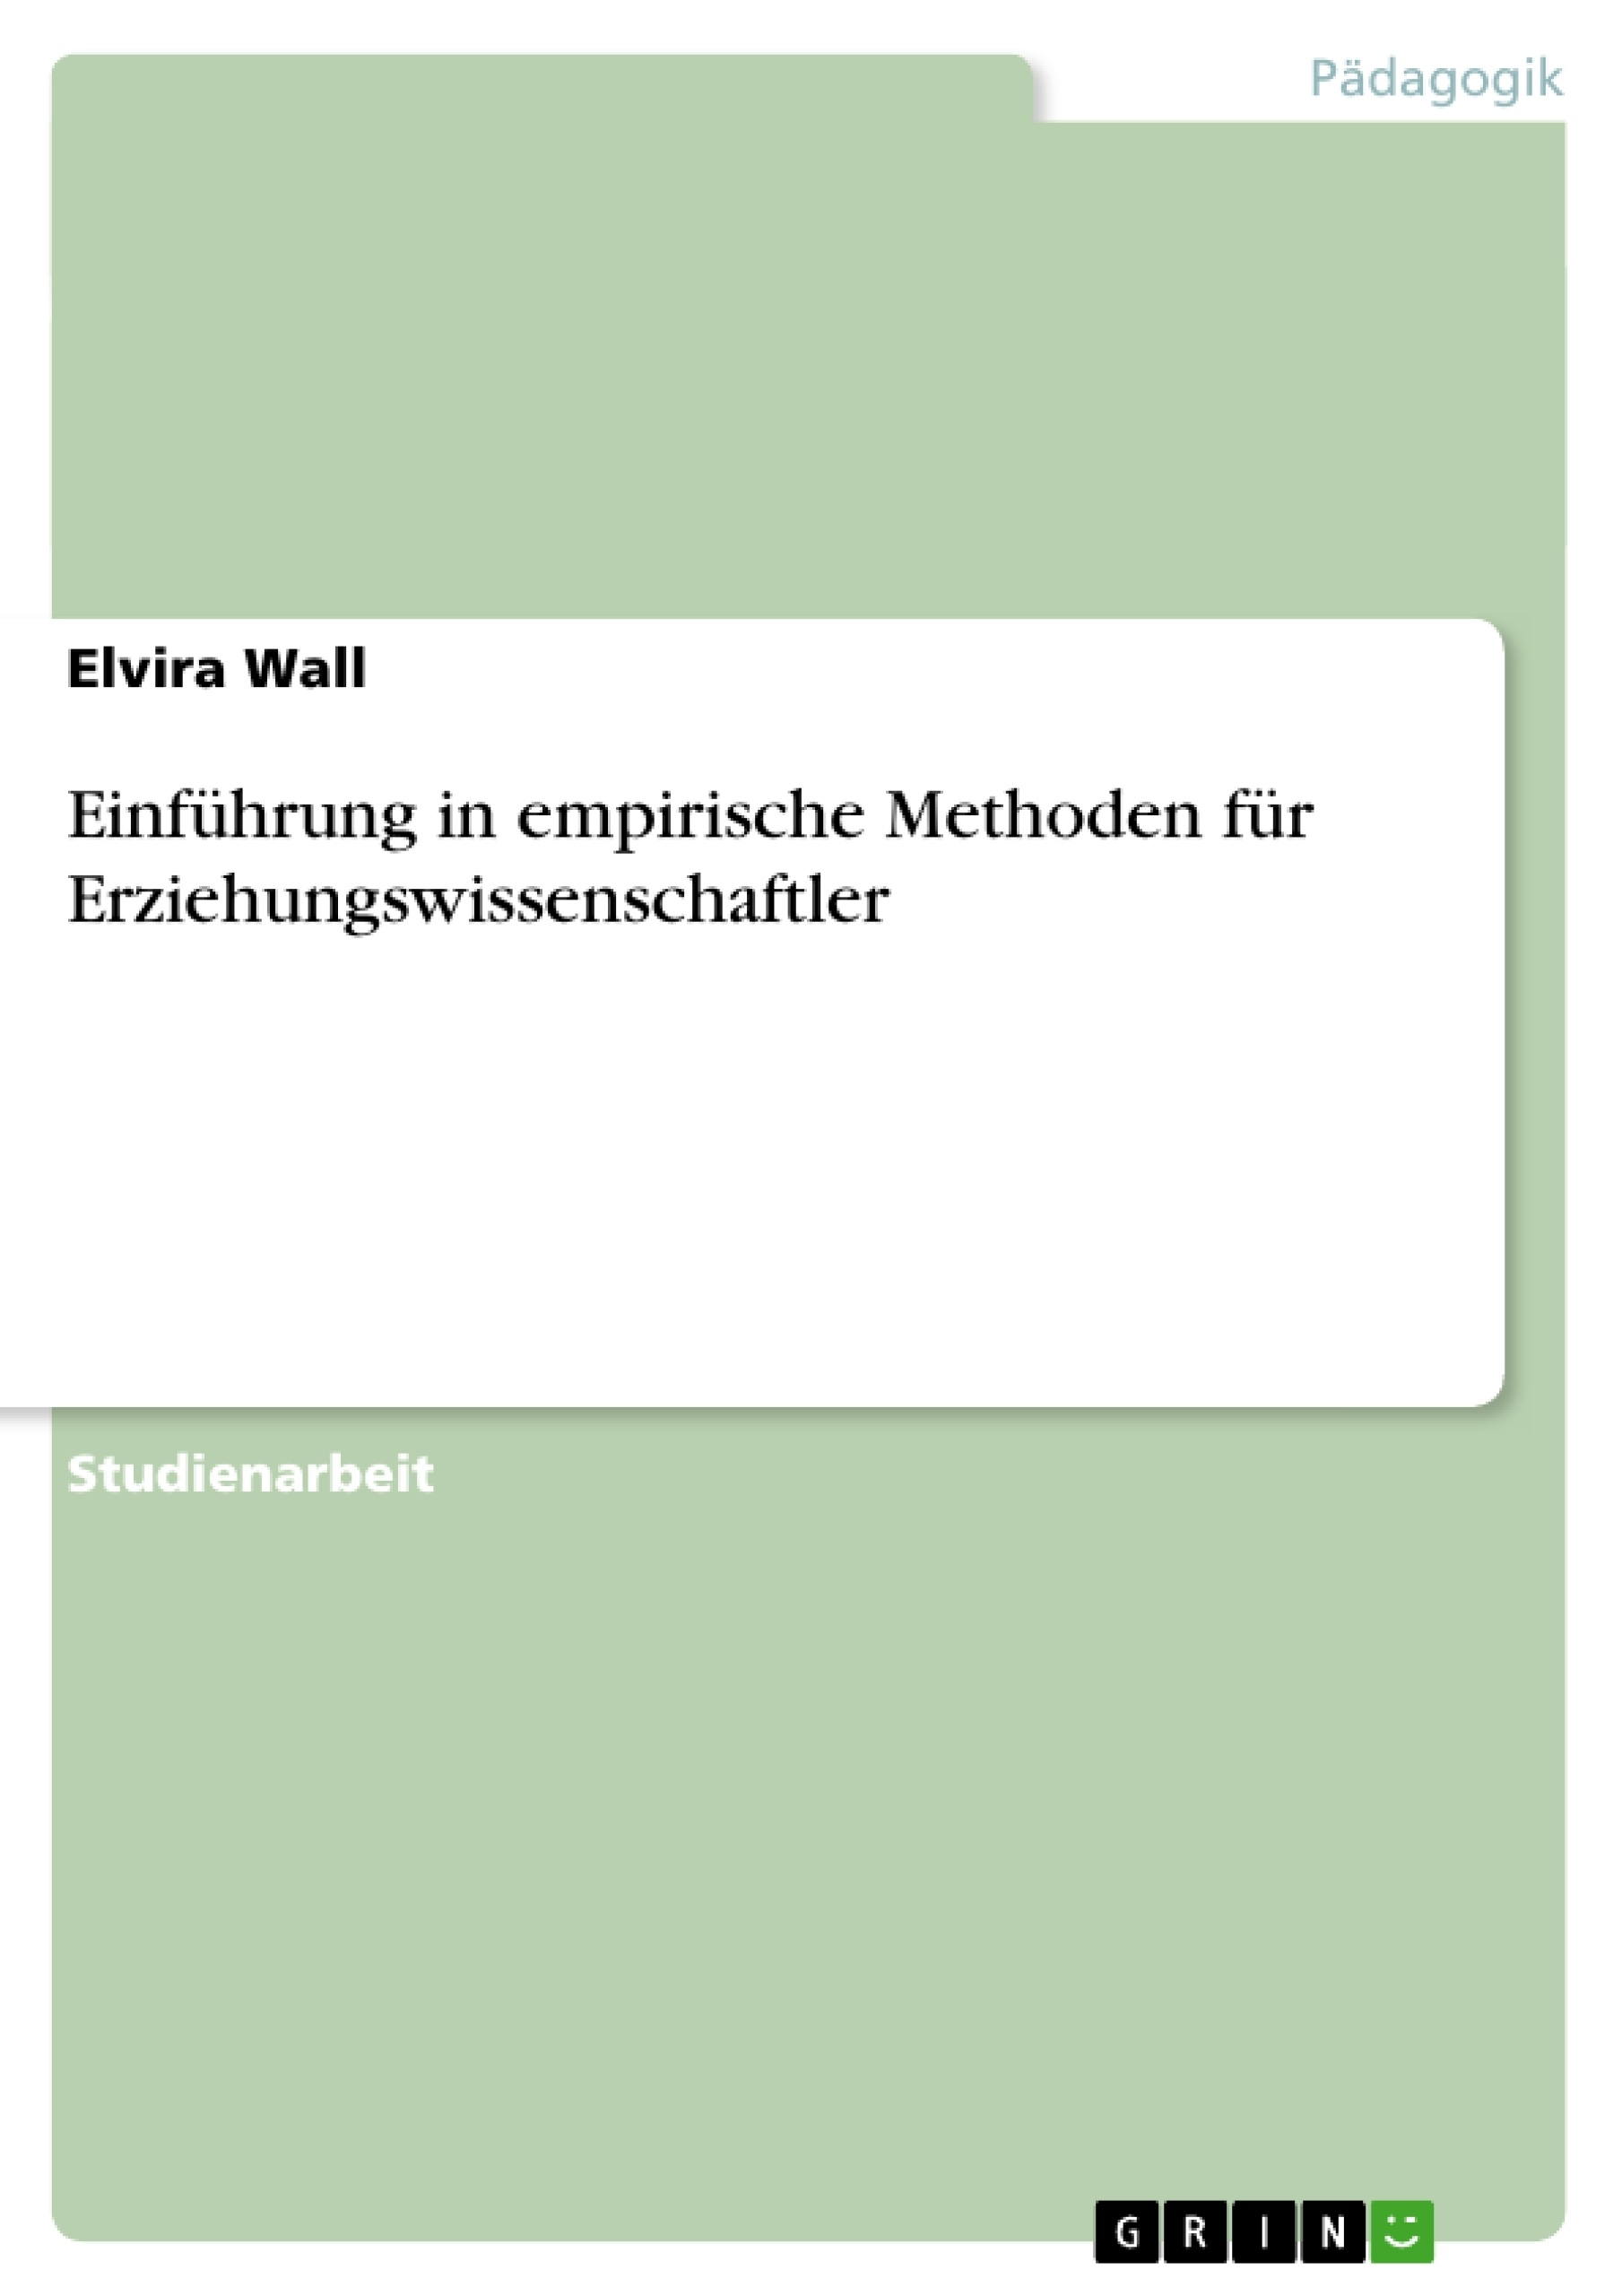 Titel: Einführung in empirische Methoden für Erziehungswissenschaftler